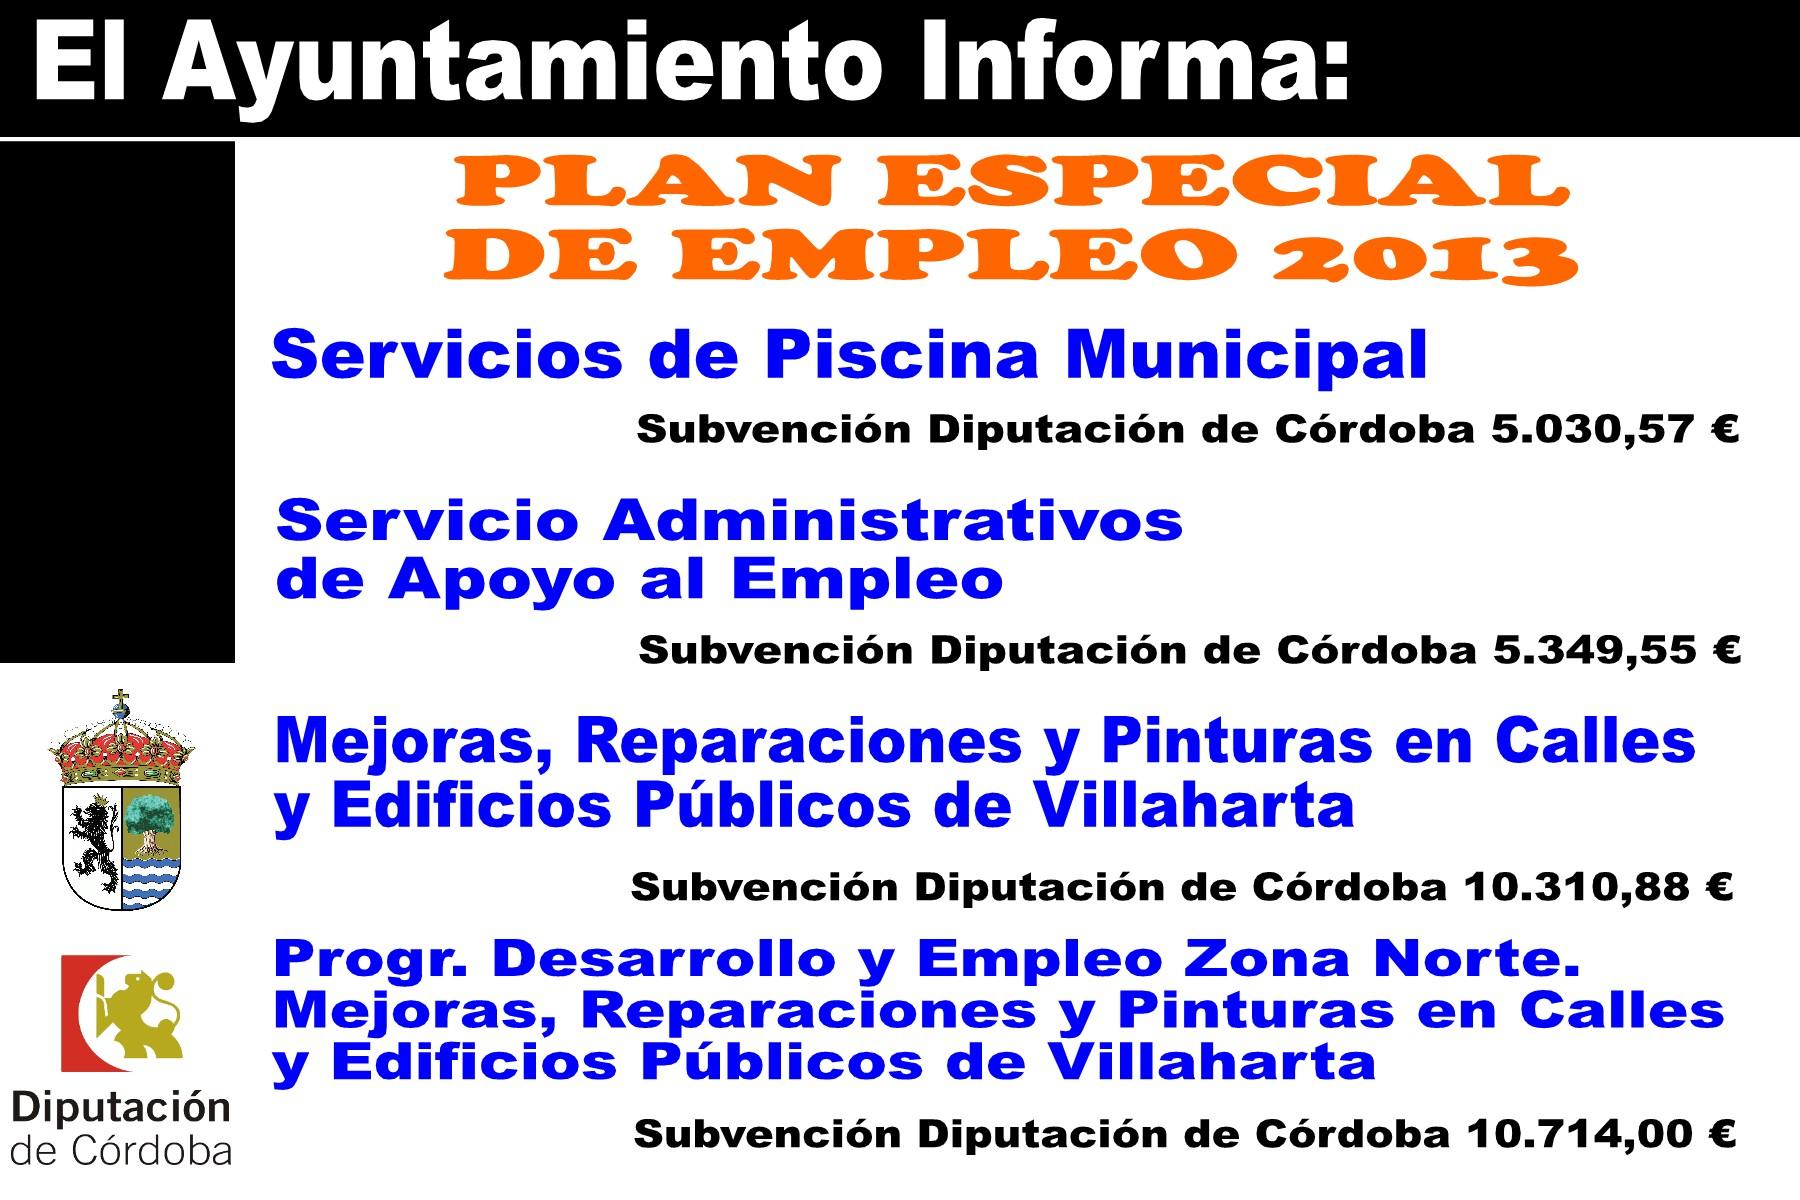 SUBVENCIONES RECIBIDAS 2013 3